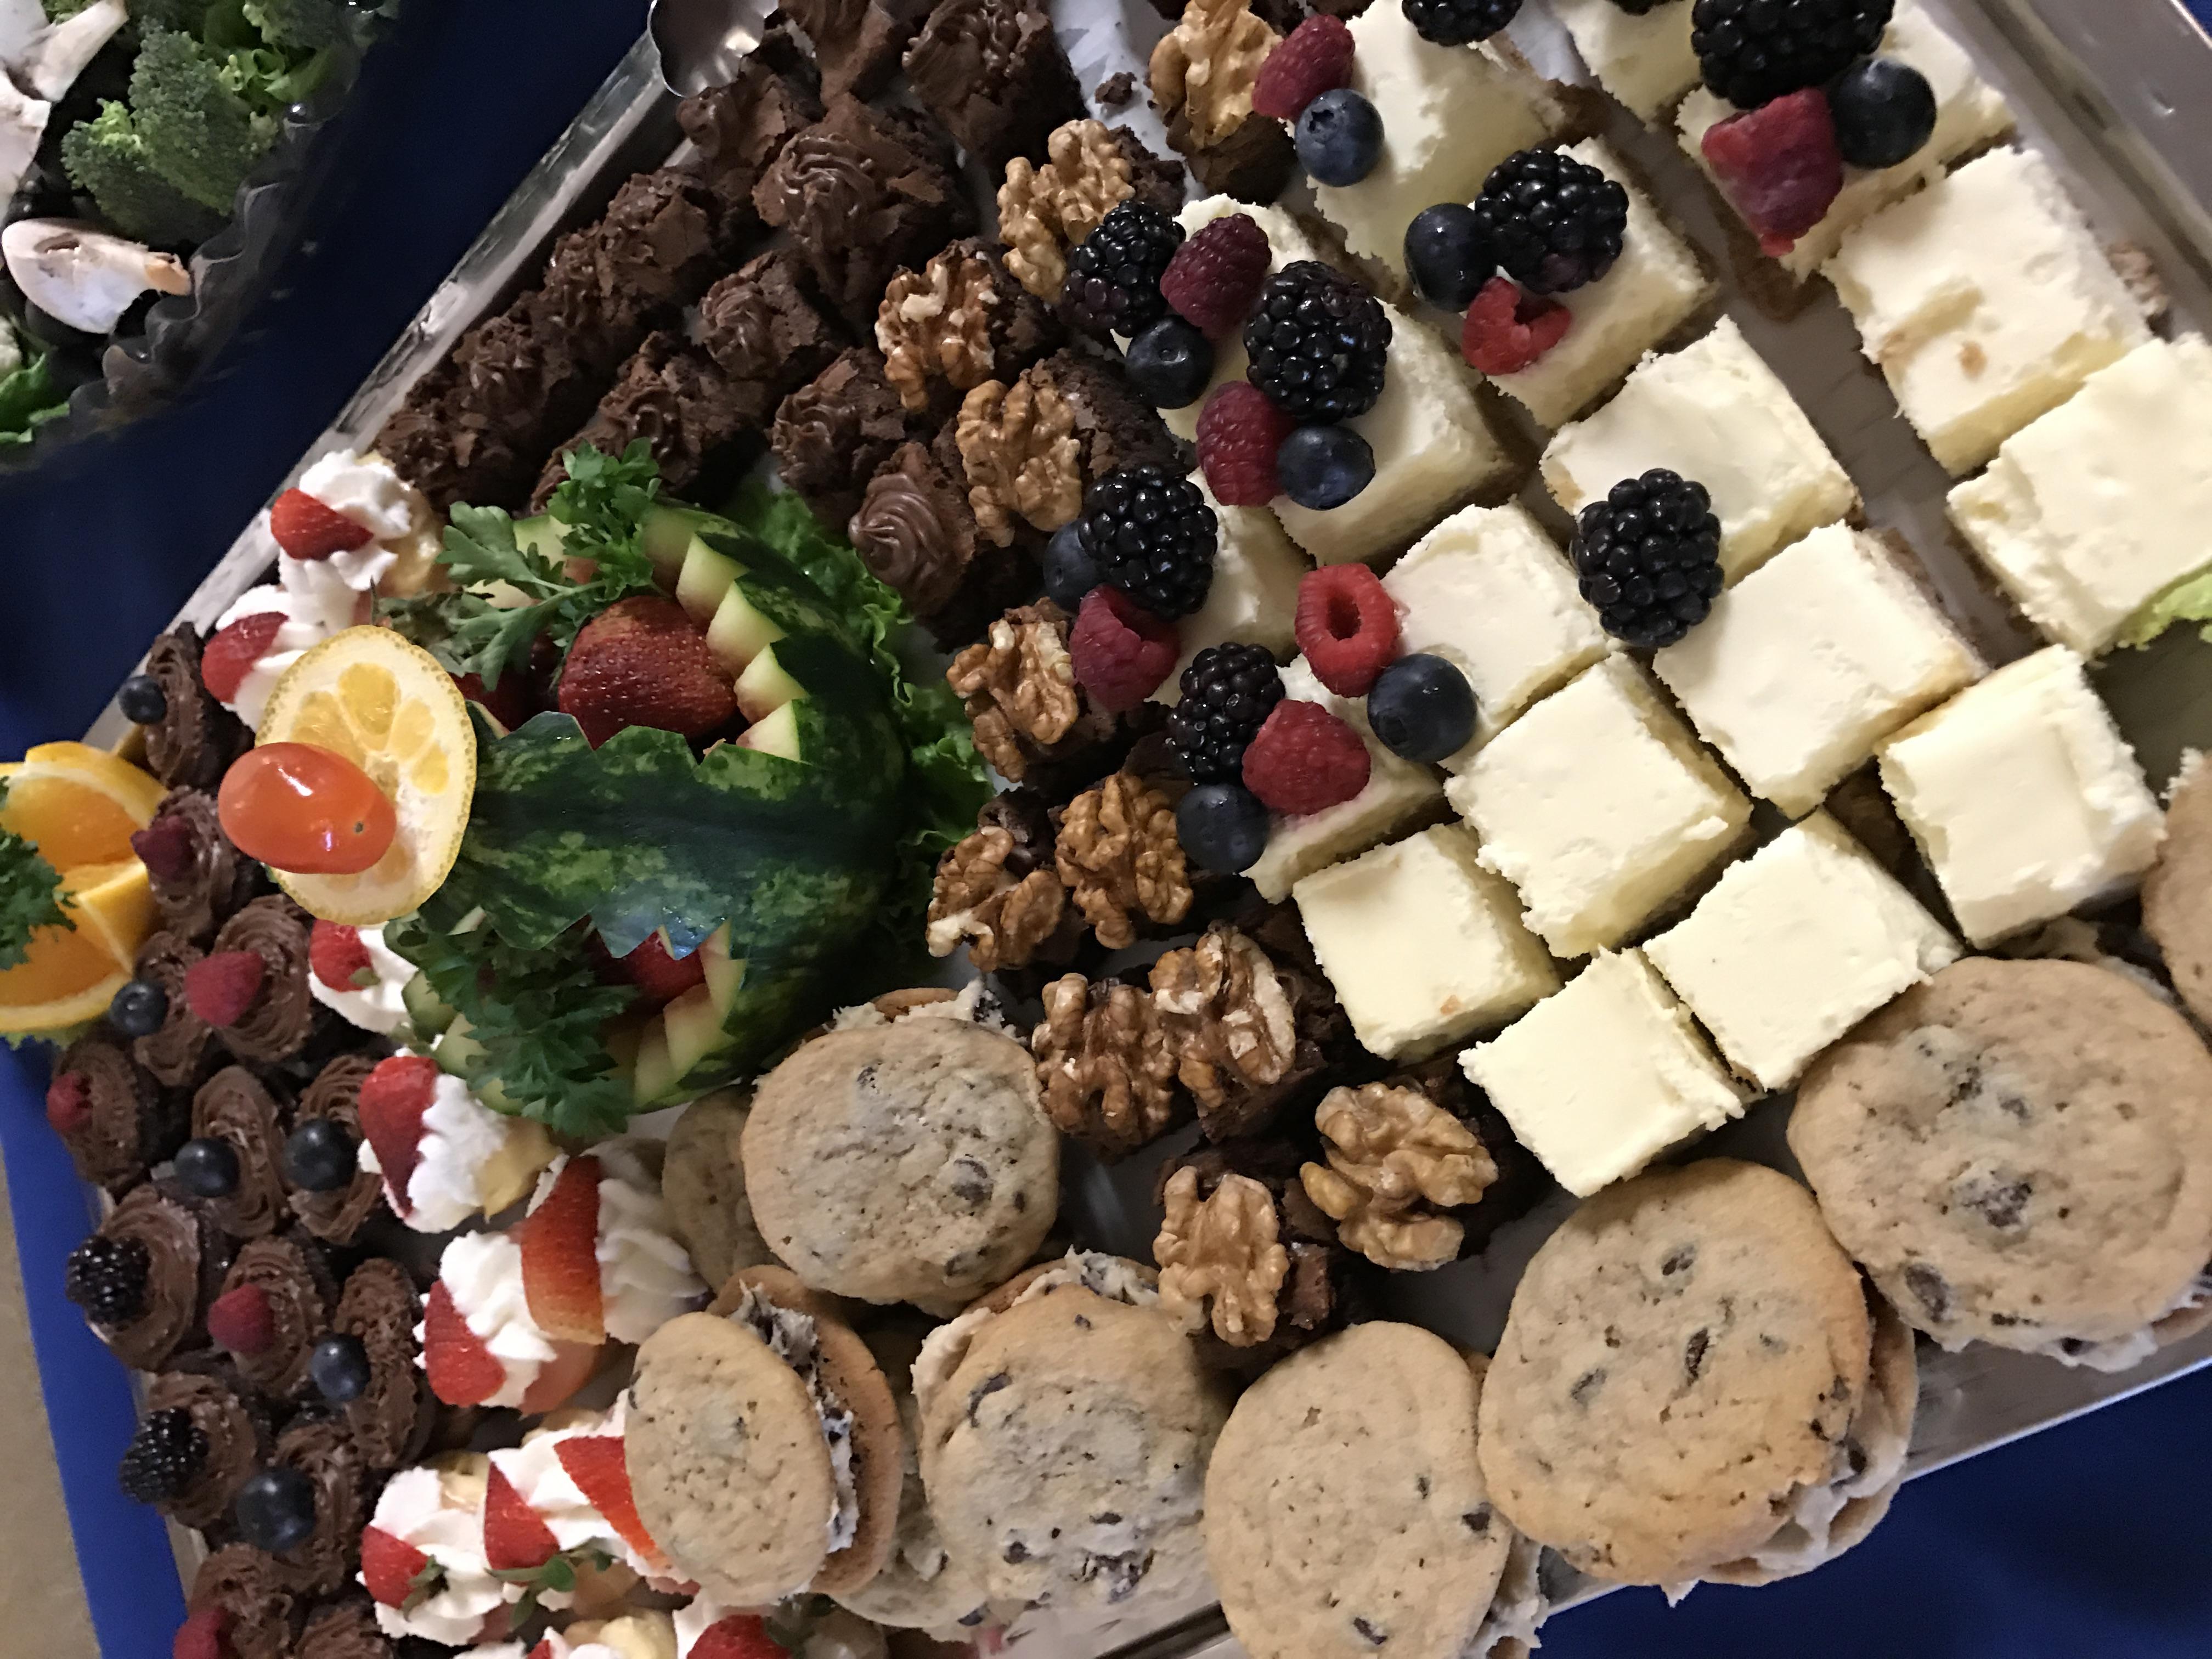 Delicious bite size desserts